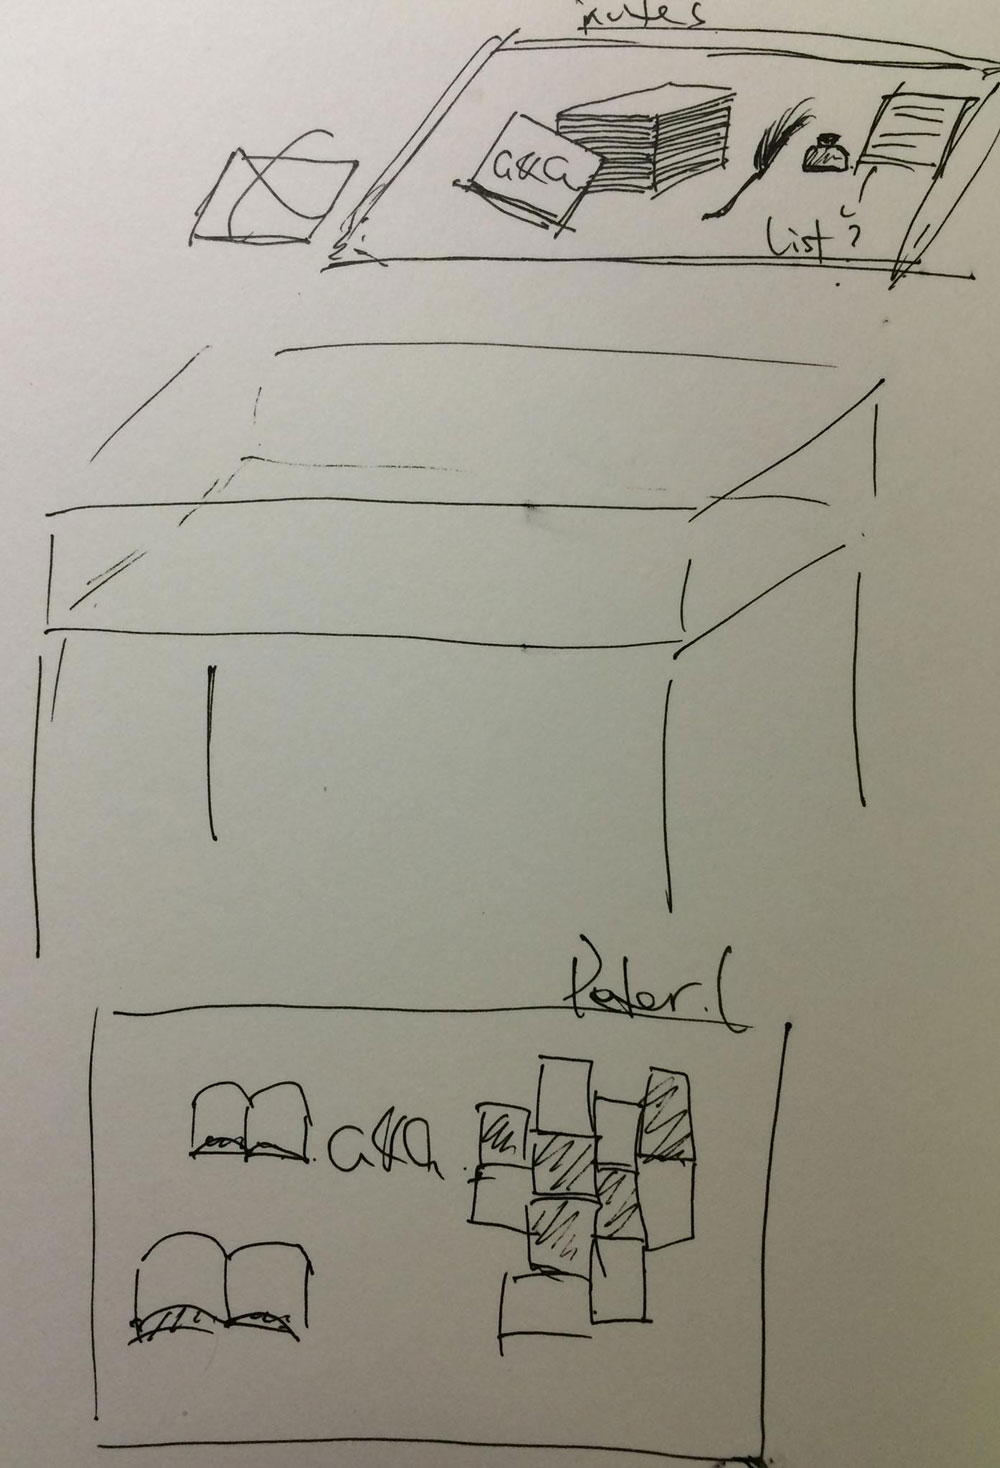 Sketch by Pooky Lee